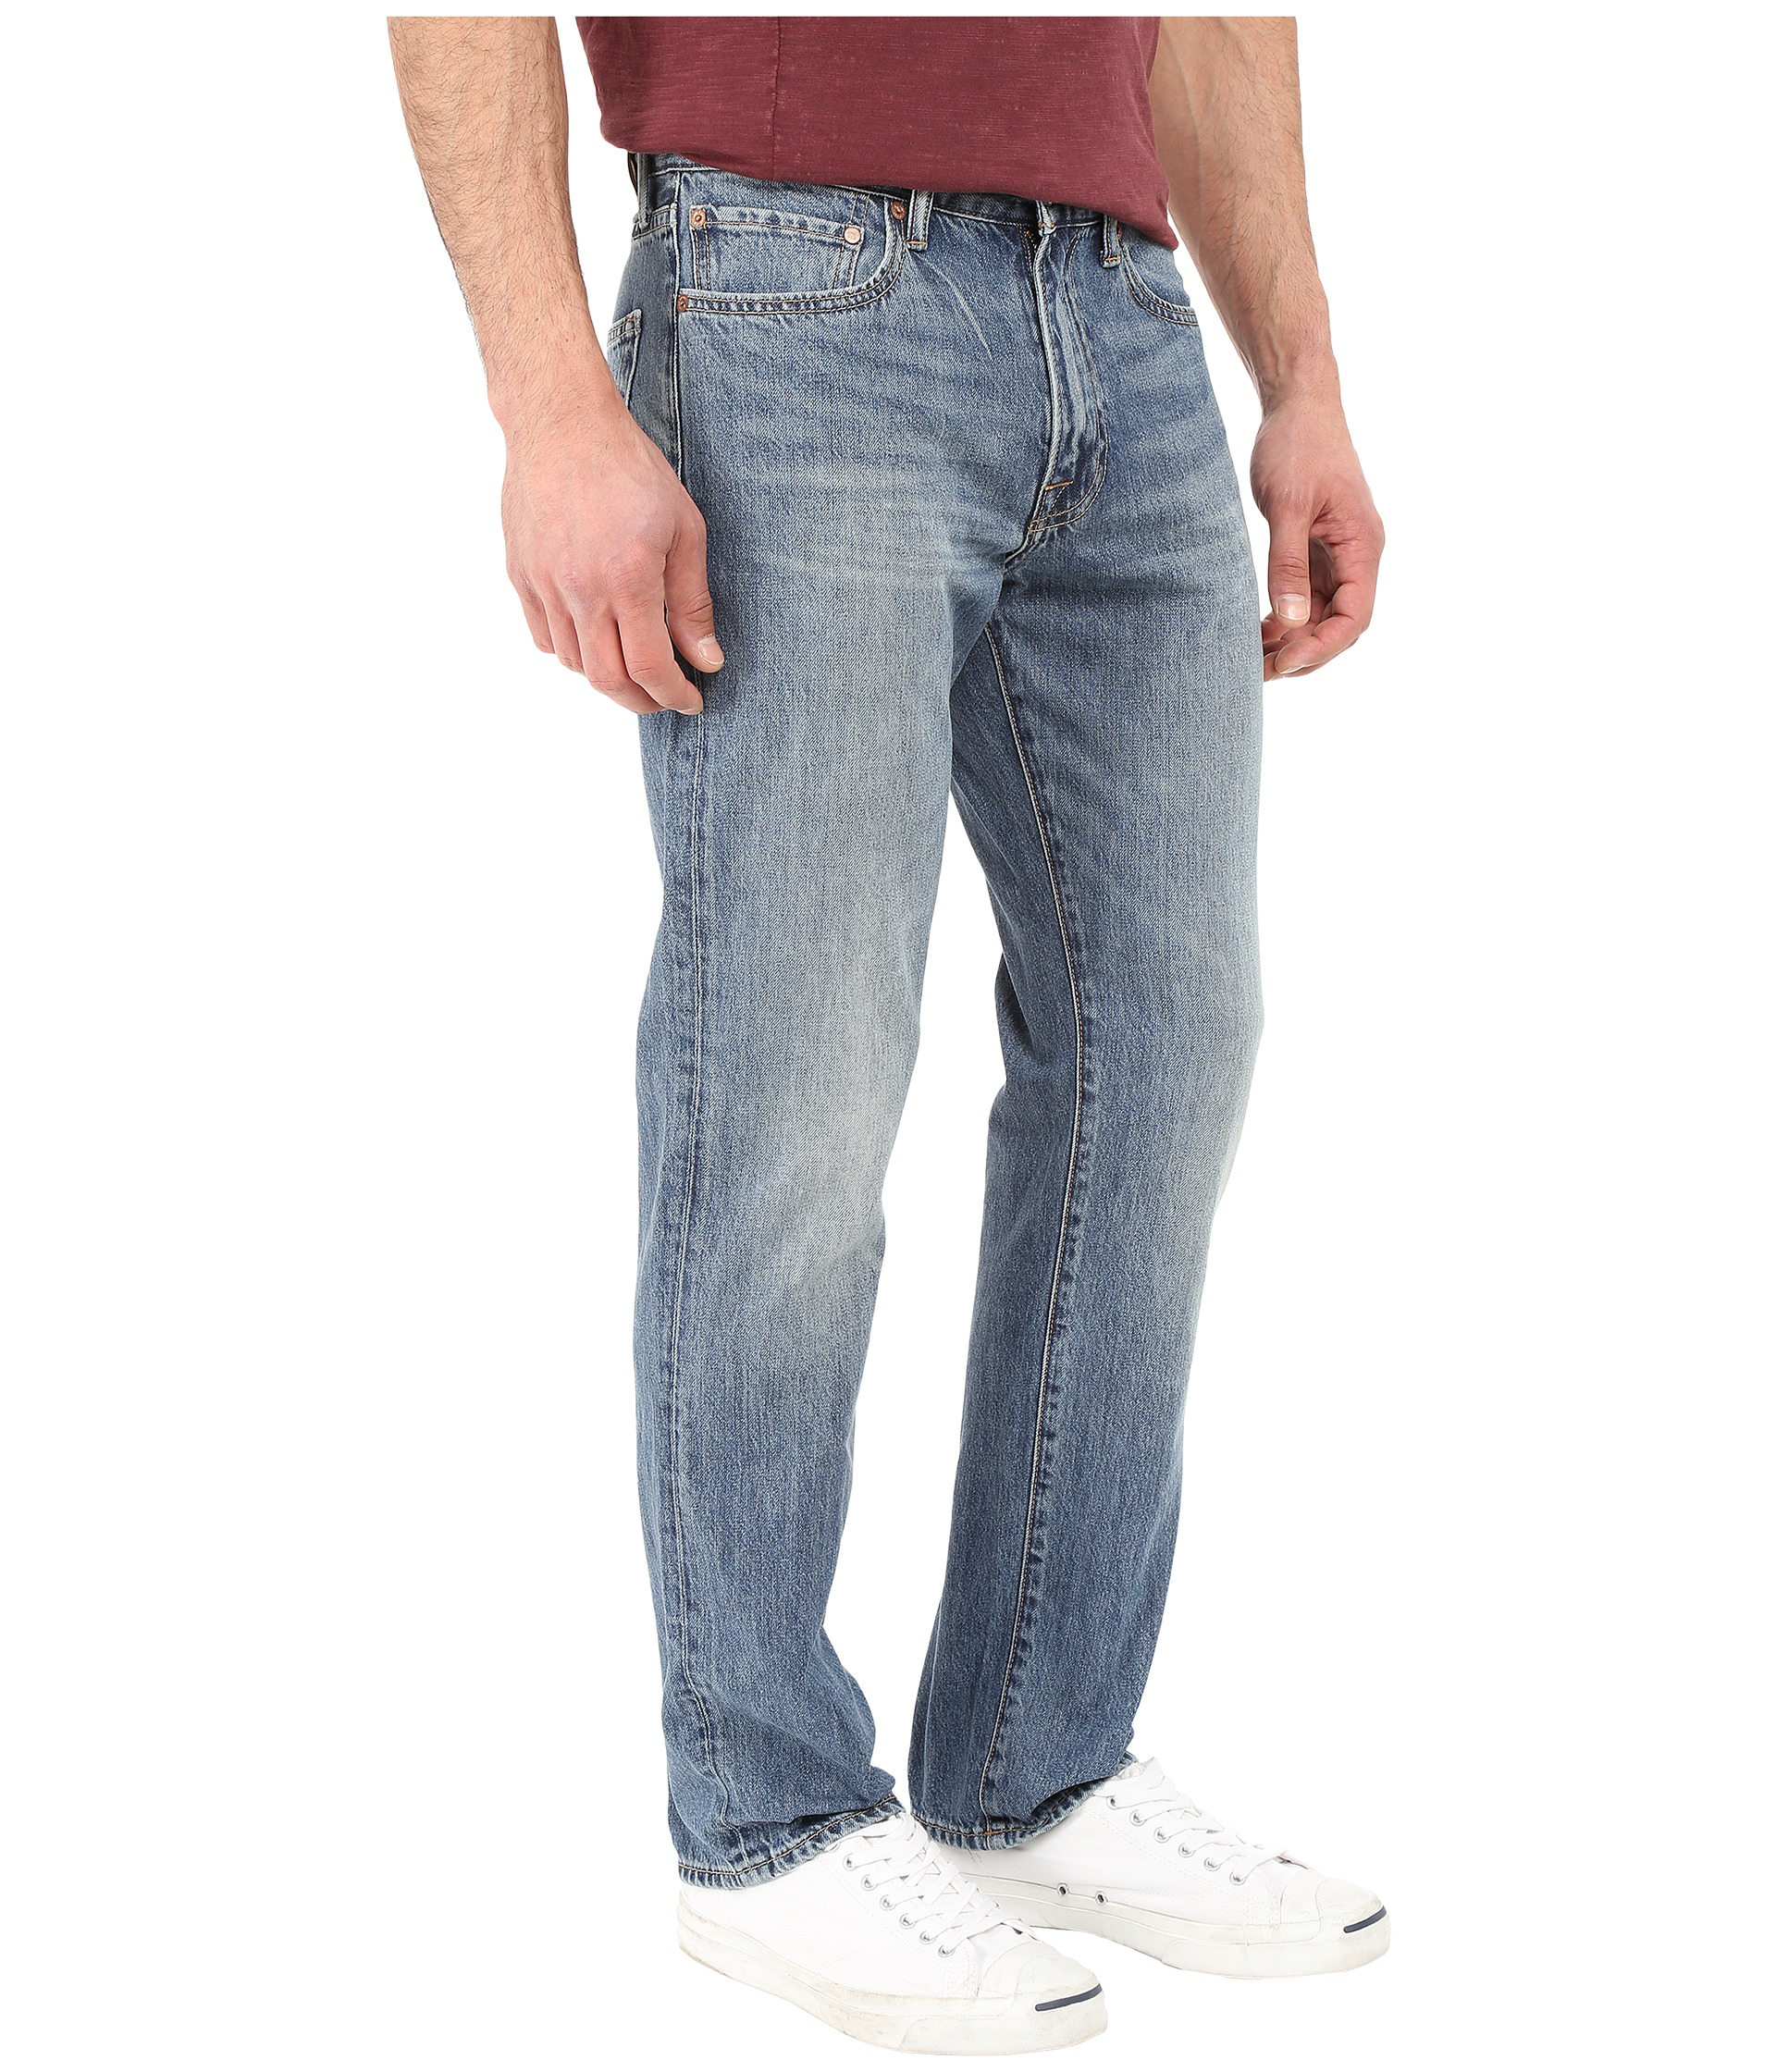 tom tailor jeans mens images light wash slim jeans men. Black Bedroom Furniture Sets. Home Design Ideas